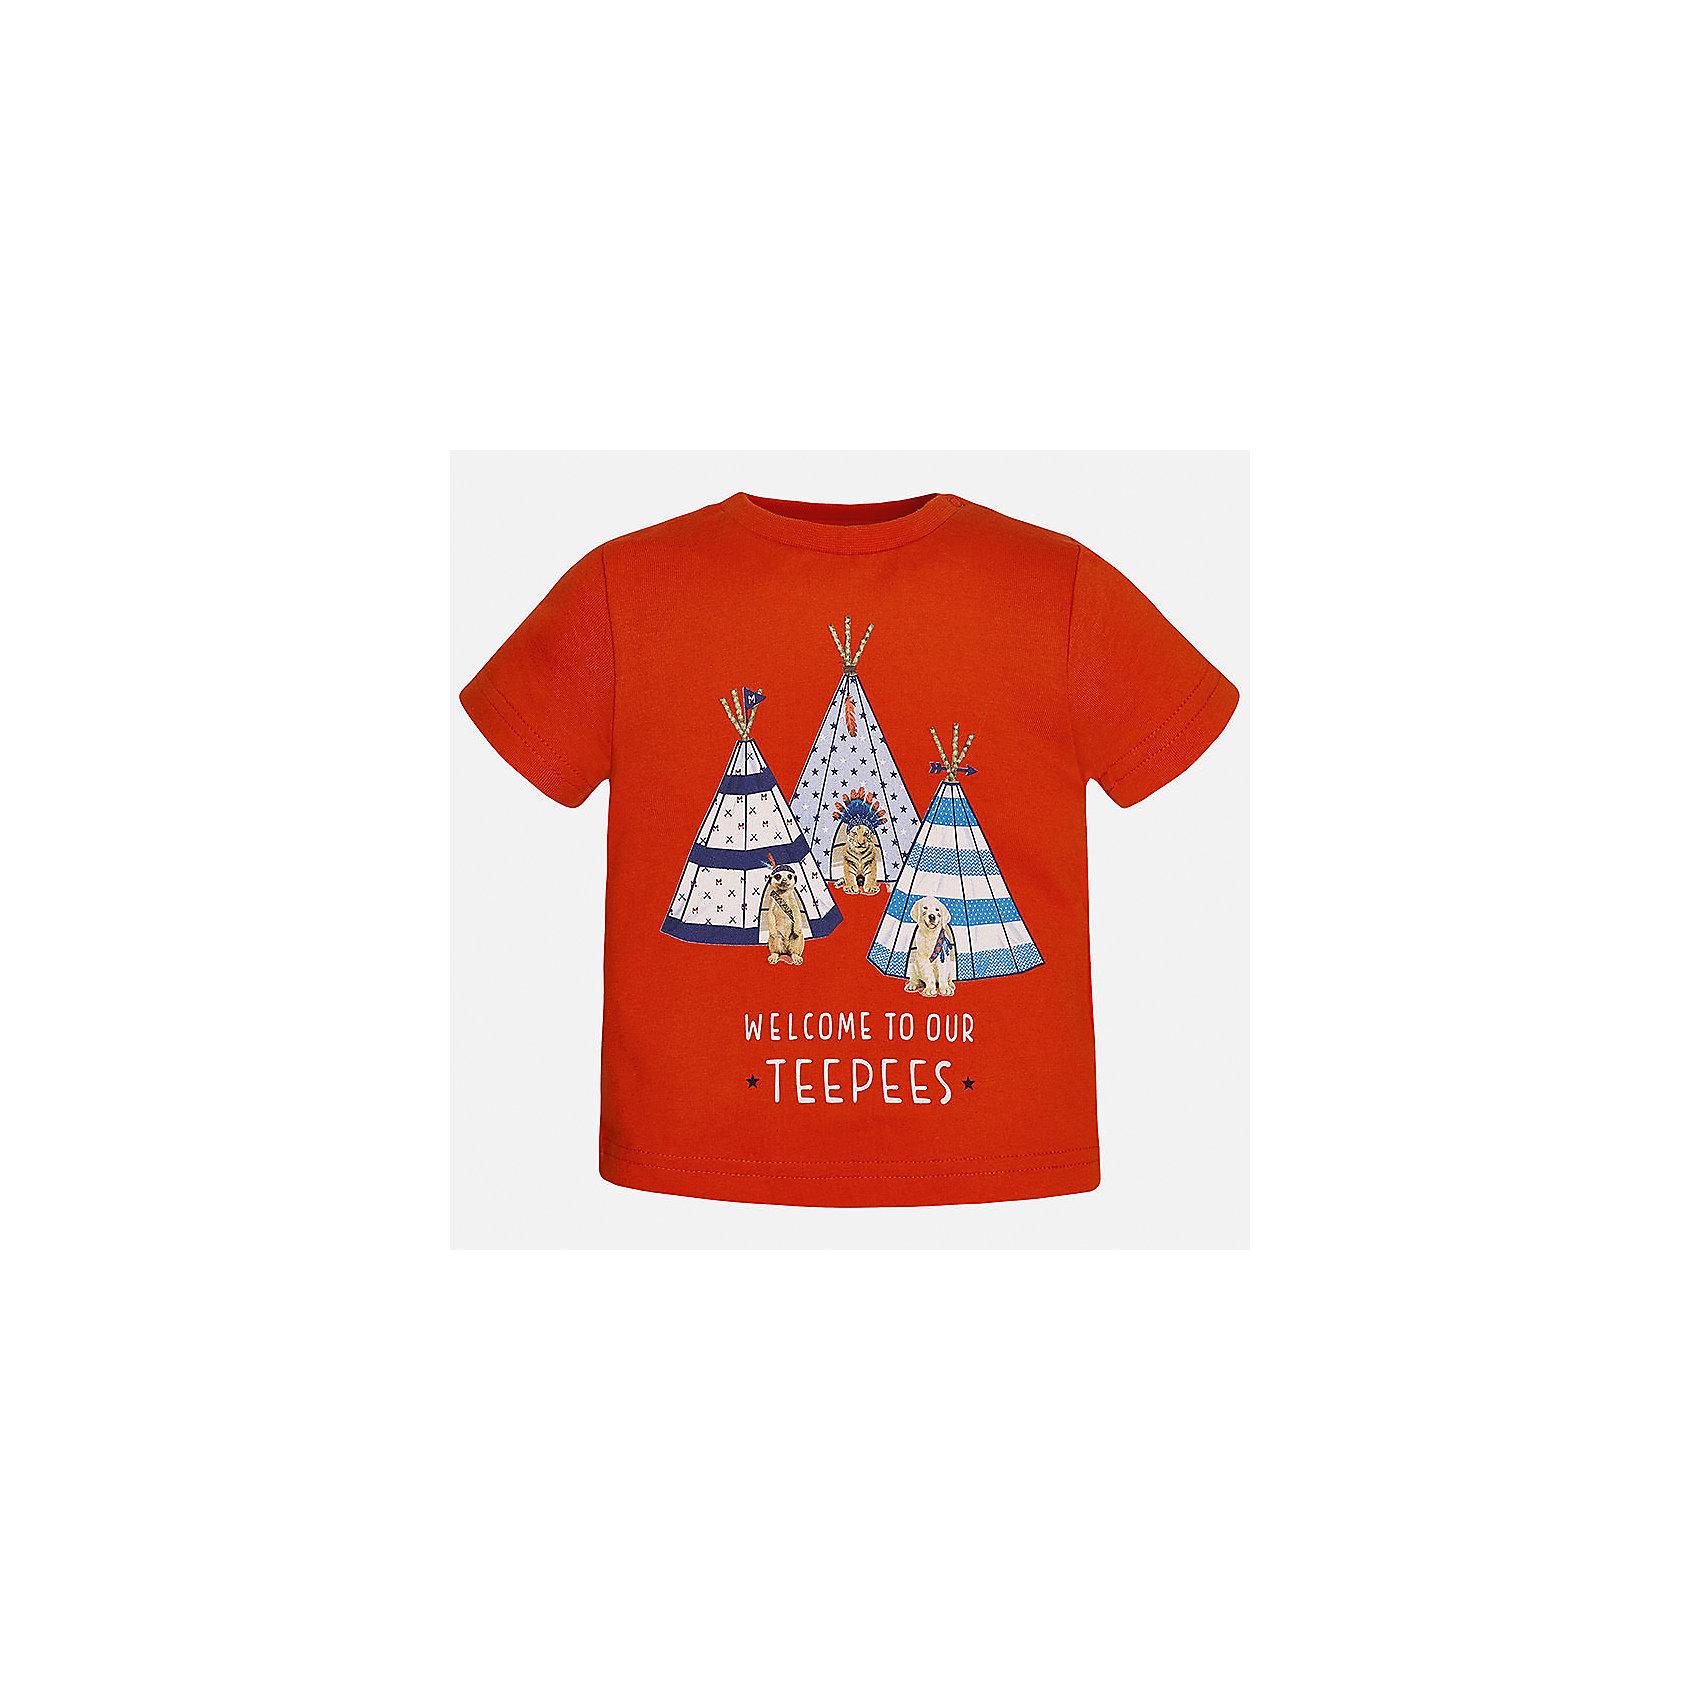 Футболка для мальчика MayoralФутболки, топы<br>Характеристики товара:<br><br>• цвет: красный<br>• состав: 100% хлопок<br>• круглый горловой вырез<br>• декорирована принтом<br>• короткие рукава<br>• мягкая отделка горловины<br>• страна бренда: Испания<br><br>Стильная удобная футболка с принтом поможет разнообразить гардероб мальчика. Она отлично сочетается с брюками, шортами, джинсами. Универсальный крой и цвет позволяет подобрать к вещи низ разных расцветок. Практичное и стильное изделие! Хорошо смотрится и комфортно сидит на детях. В составе материала - натуральный хлопок, гипоаллергенный, приятный на ощупь, дышащий. <br><br>Одежда, обувь и аксессуары от испанского бренда Mayoral полюбились детям и взрослым по всему миру. Модели этой марки - стильные и удобные. Для их производства используются только безопасные, качественные материалы и фурнитура. Порадуйте ребенка модными и красивыми вещами от Mayoral! <br><br>Футболку для мальчика от испанского бренда Mayoral (Майорал) можно купить в нашем интернет-магазине.<br><br>Ширина мм: 199<br>Глубина мм: 10<br>Высота мм: 161<br>Вес г: 151<br>Цвет: красный<br>Возраст от месяцев: 12<br>Возраст до месяцев: 15<br>Пол: Мужской<br>Возраст: Детский<br>Размер: 80,86,92<br>SKU: 5278409